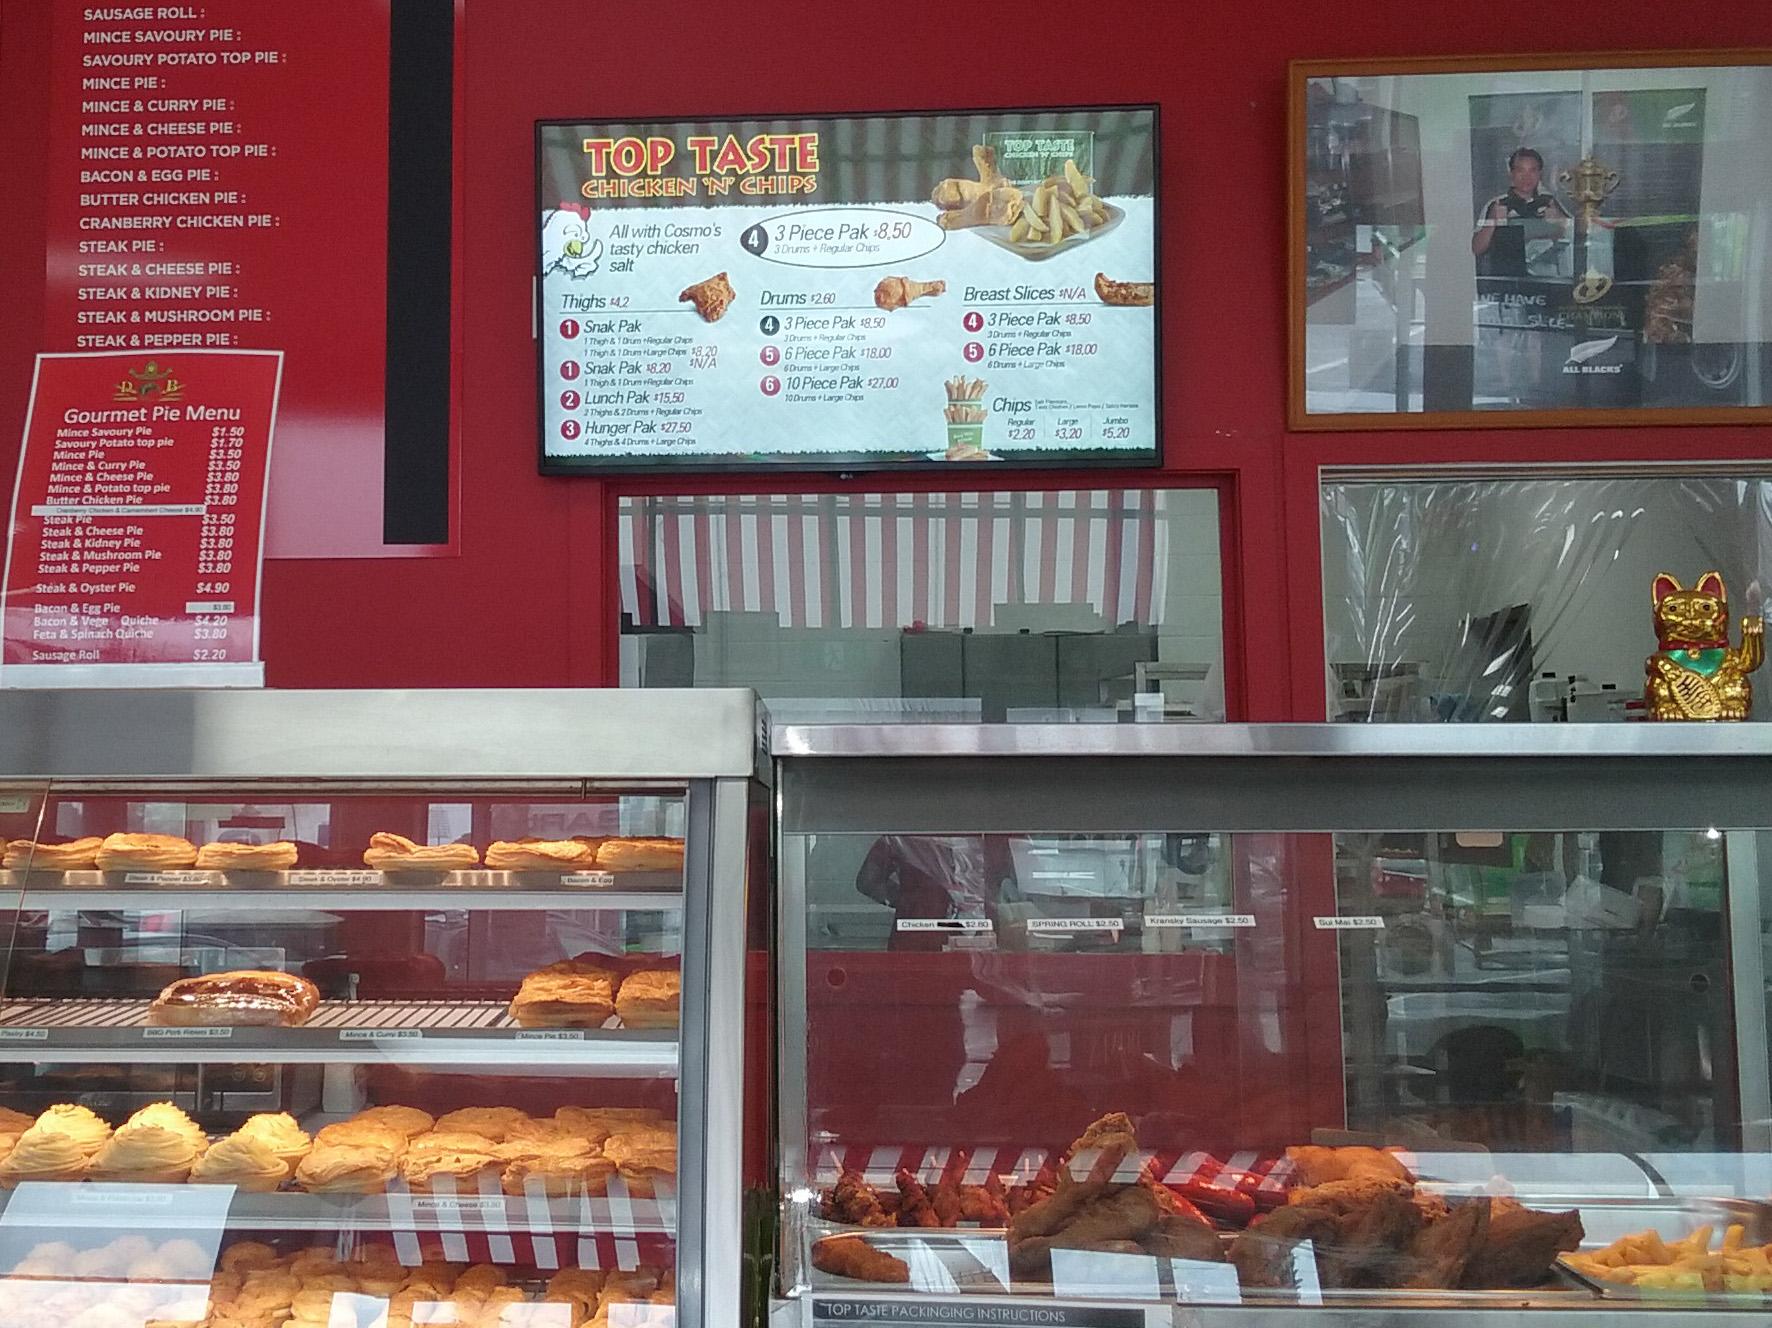 Danny's Kiwi Bakery